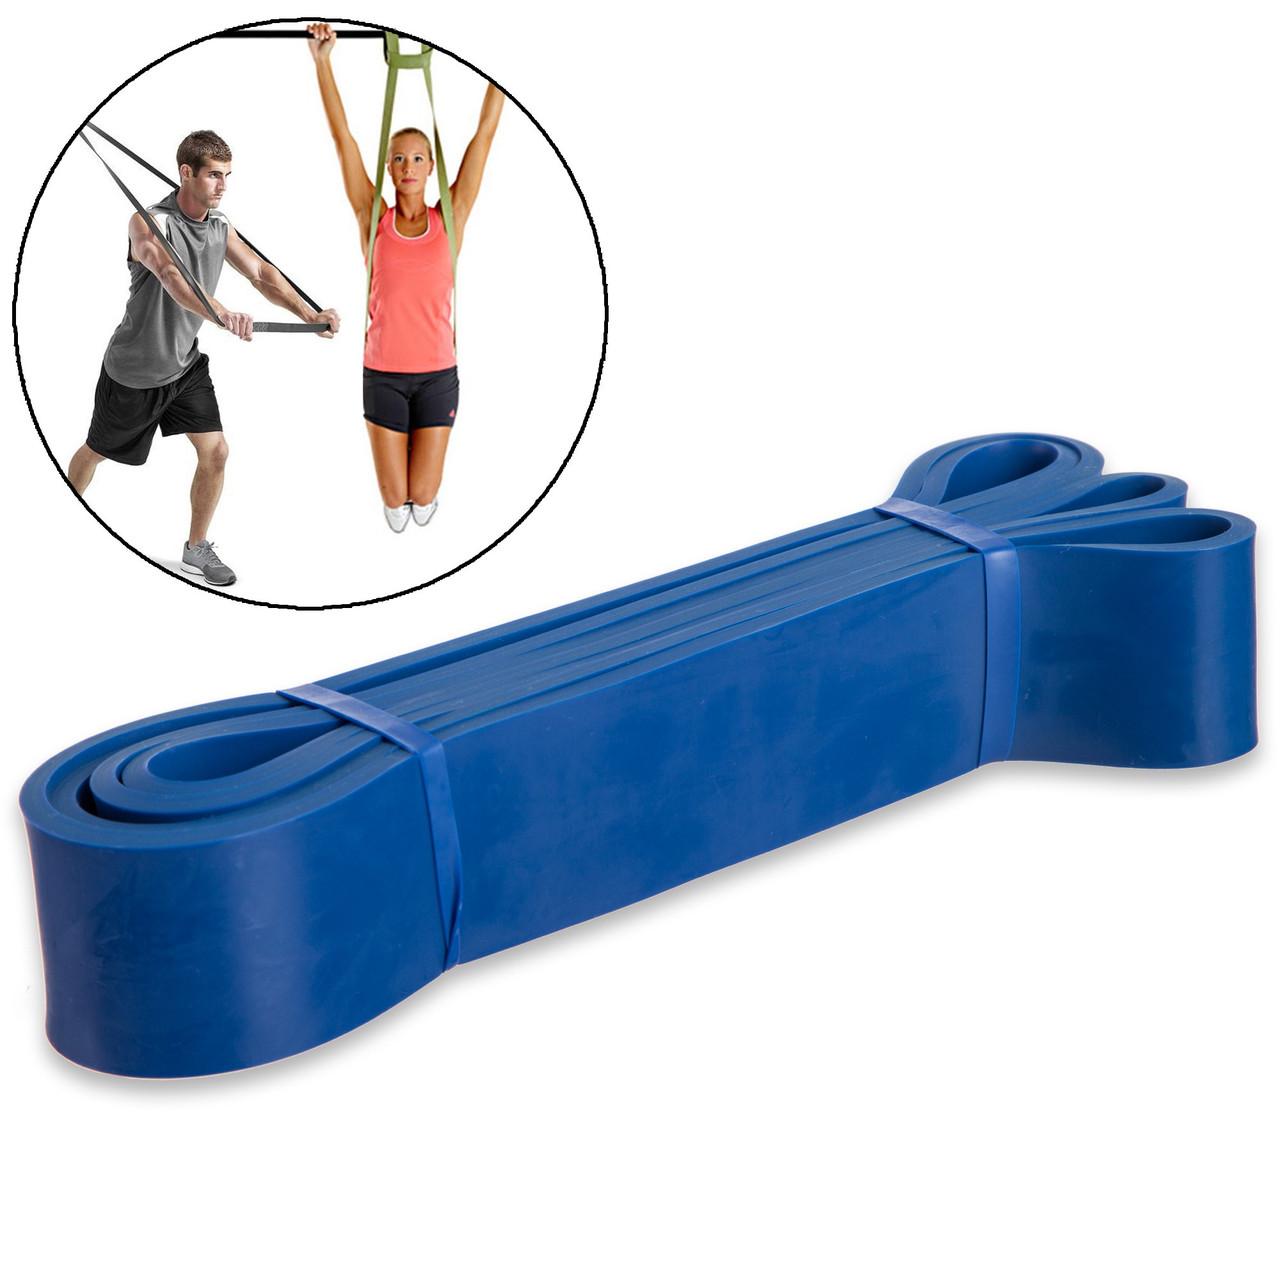 Резина для подтягиваний (лента силовая)(размер 2080x45x4,5мм, жесткость L, нагрузка 25-57кг, синий)